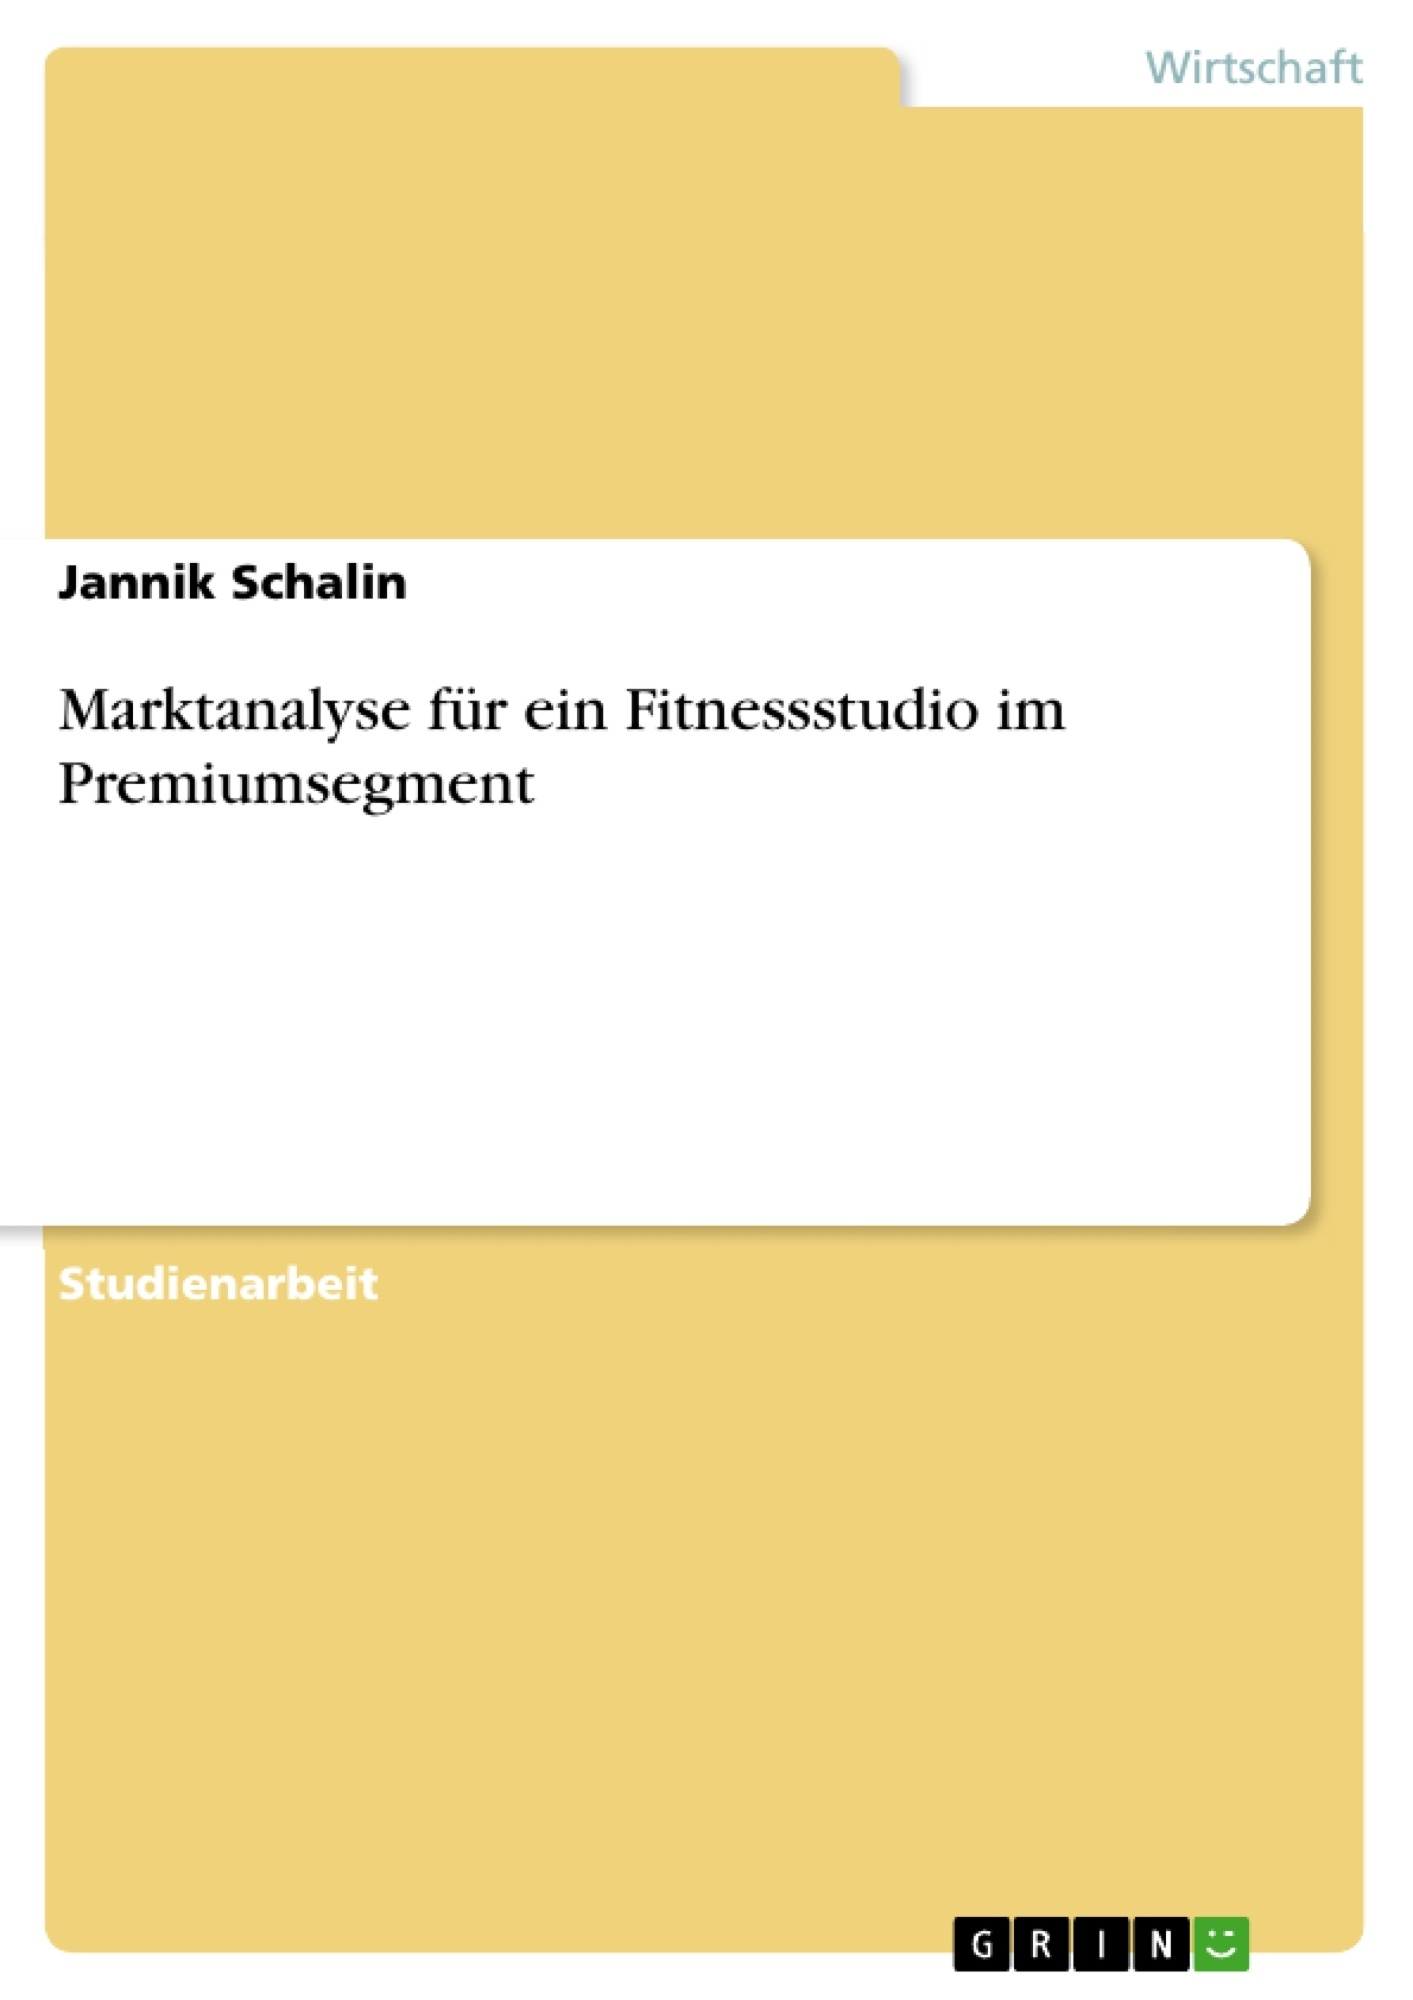 Titel: Marktanalyse für ein Fitnessstudio im Premiumsegment